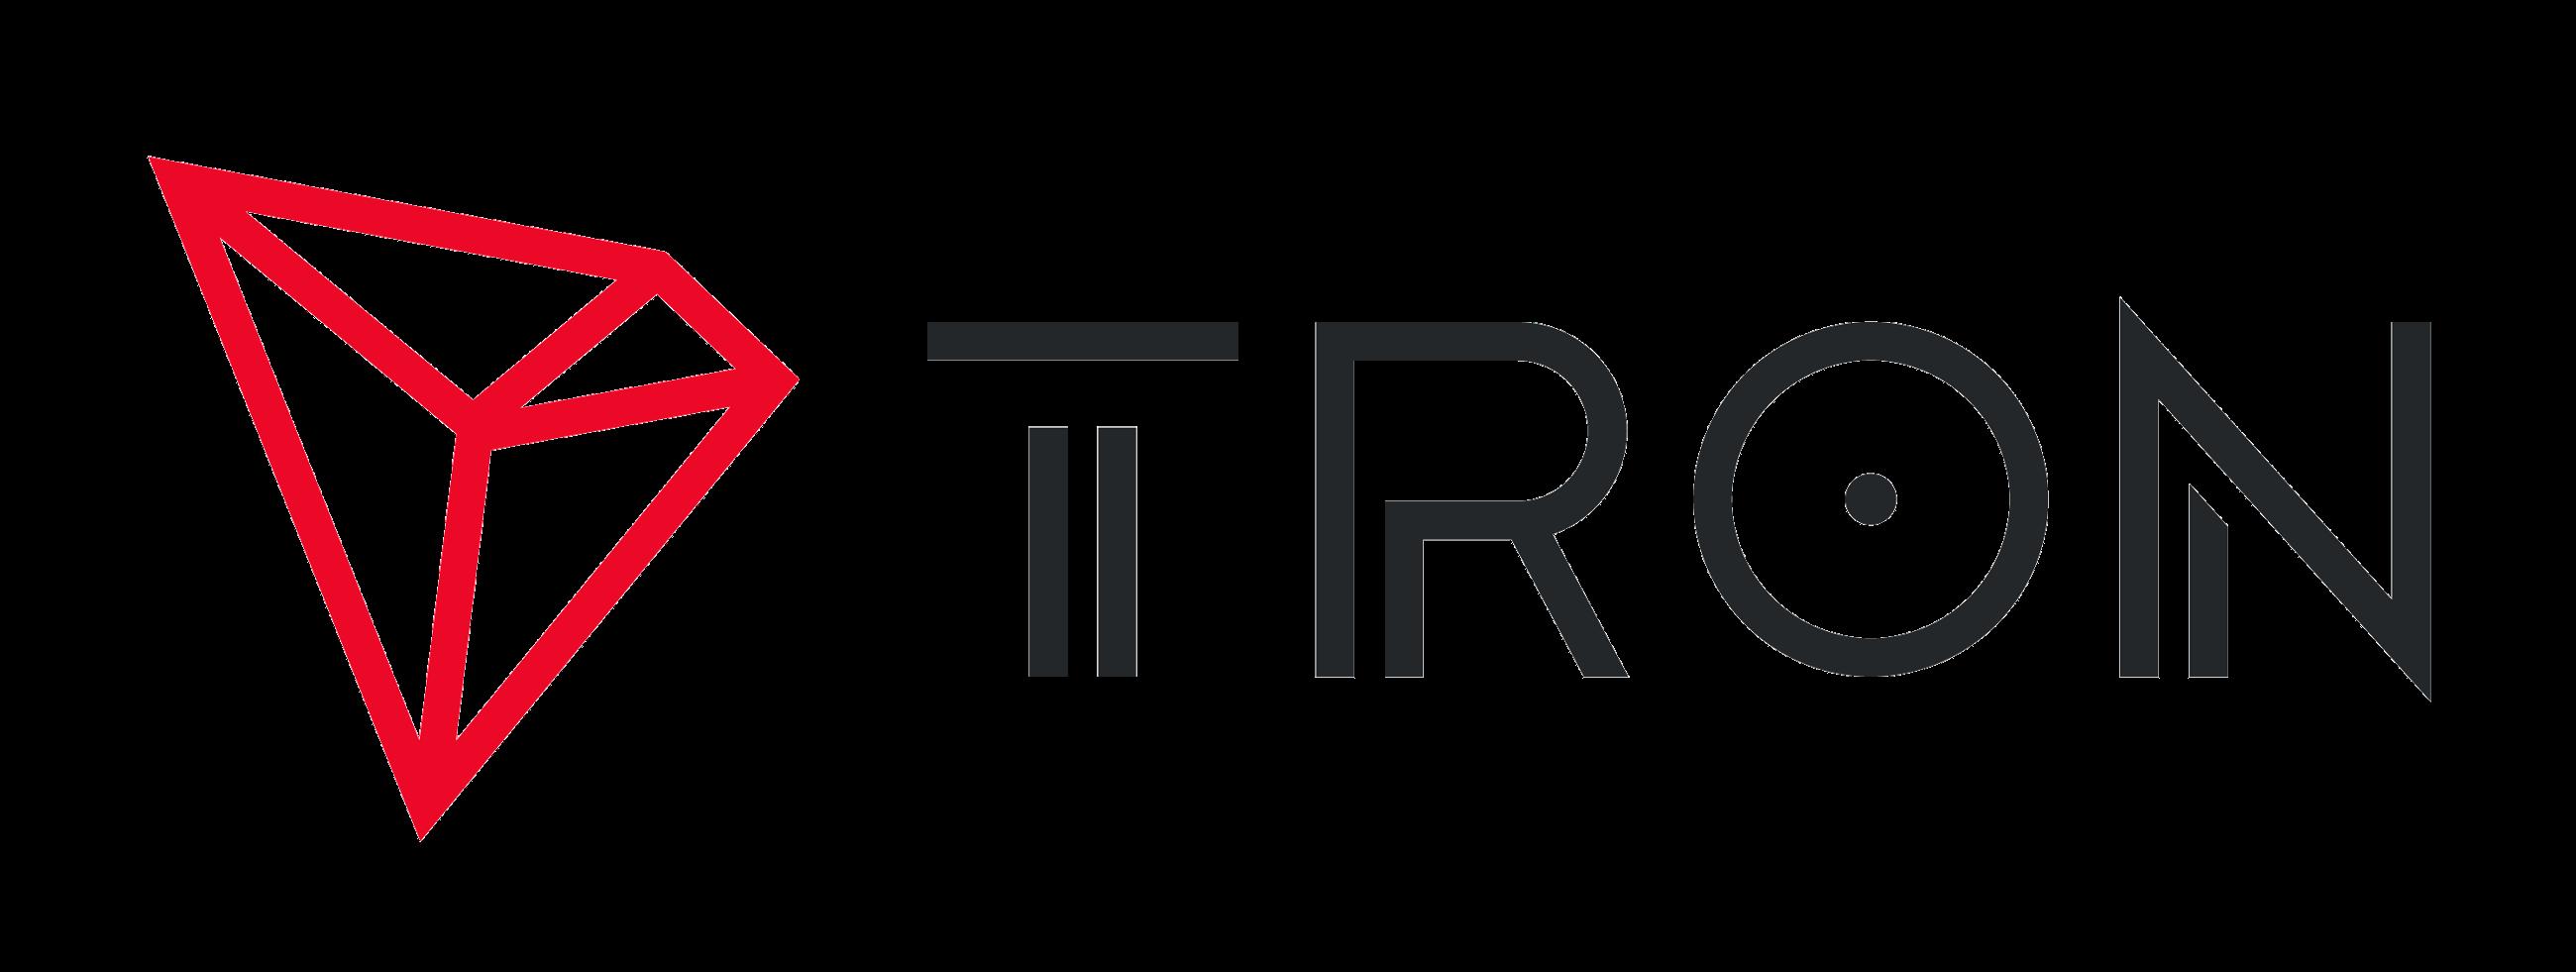 /tron-blockchain-101-7c02de098b0b feature image